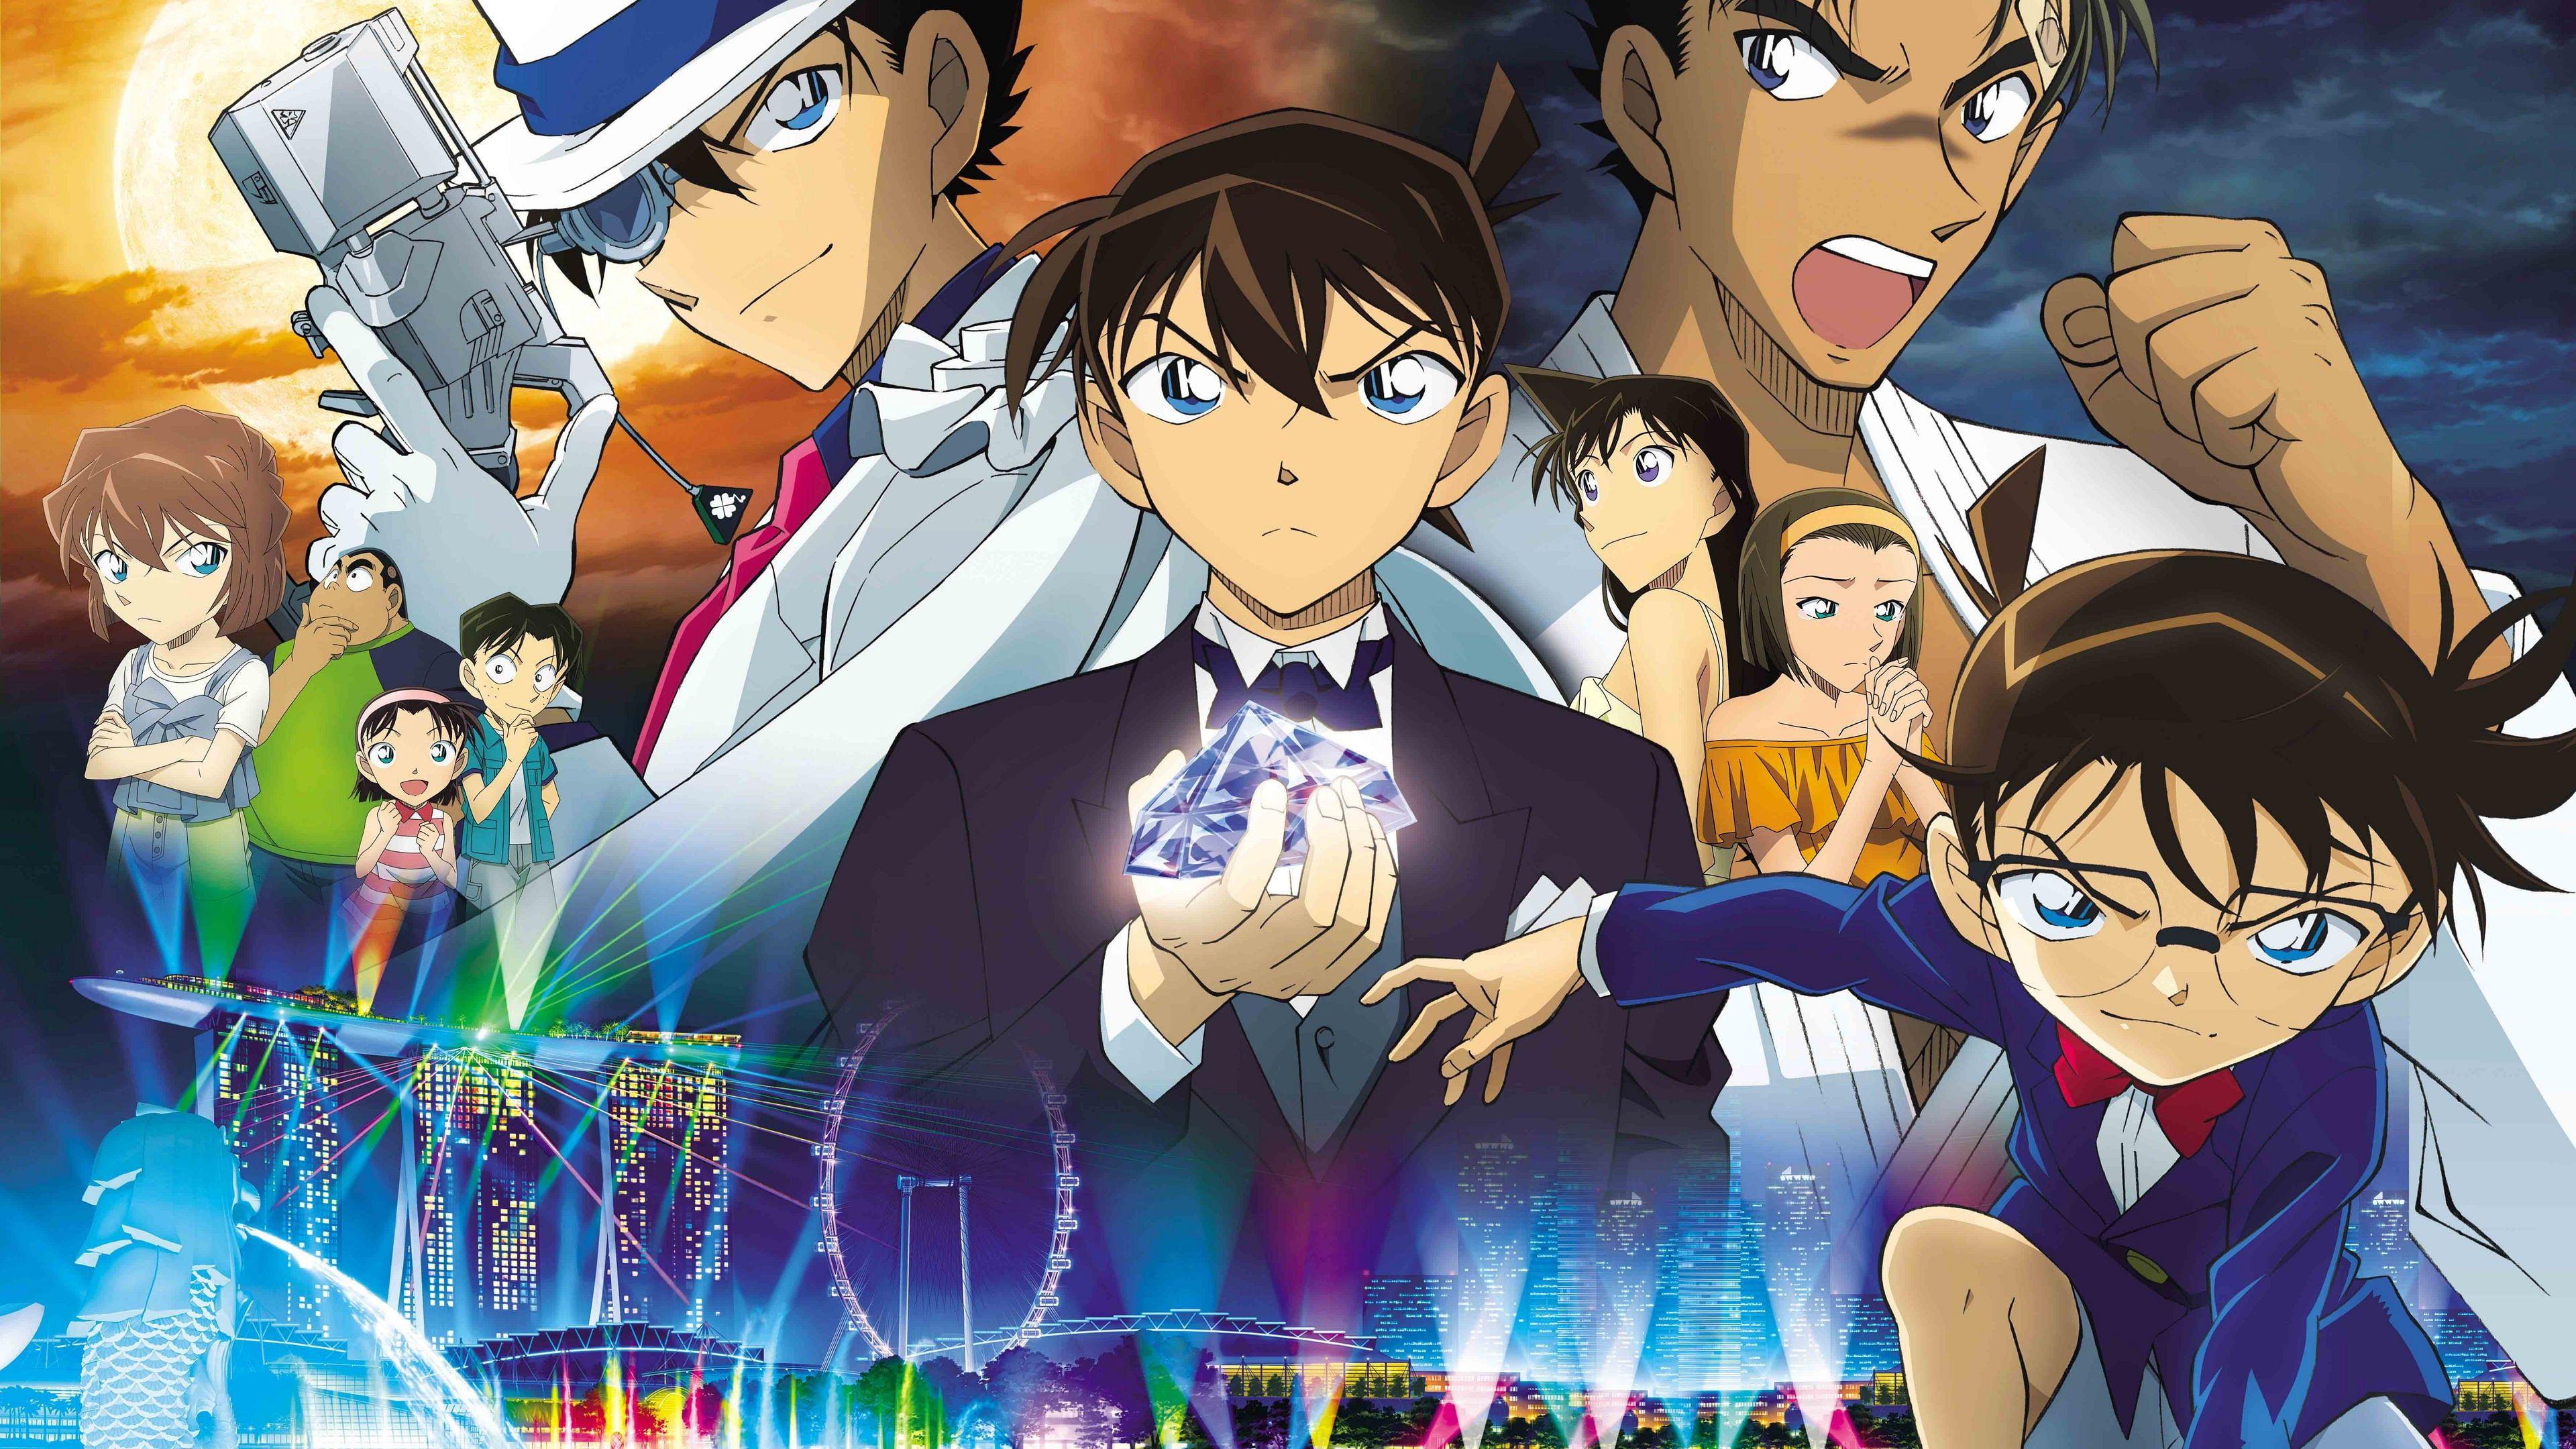 Detective Conan Anime recebe o arco original de 4 episódios de Kansai em janeiro